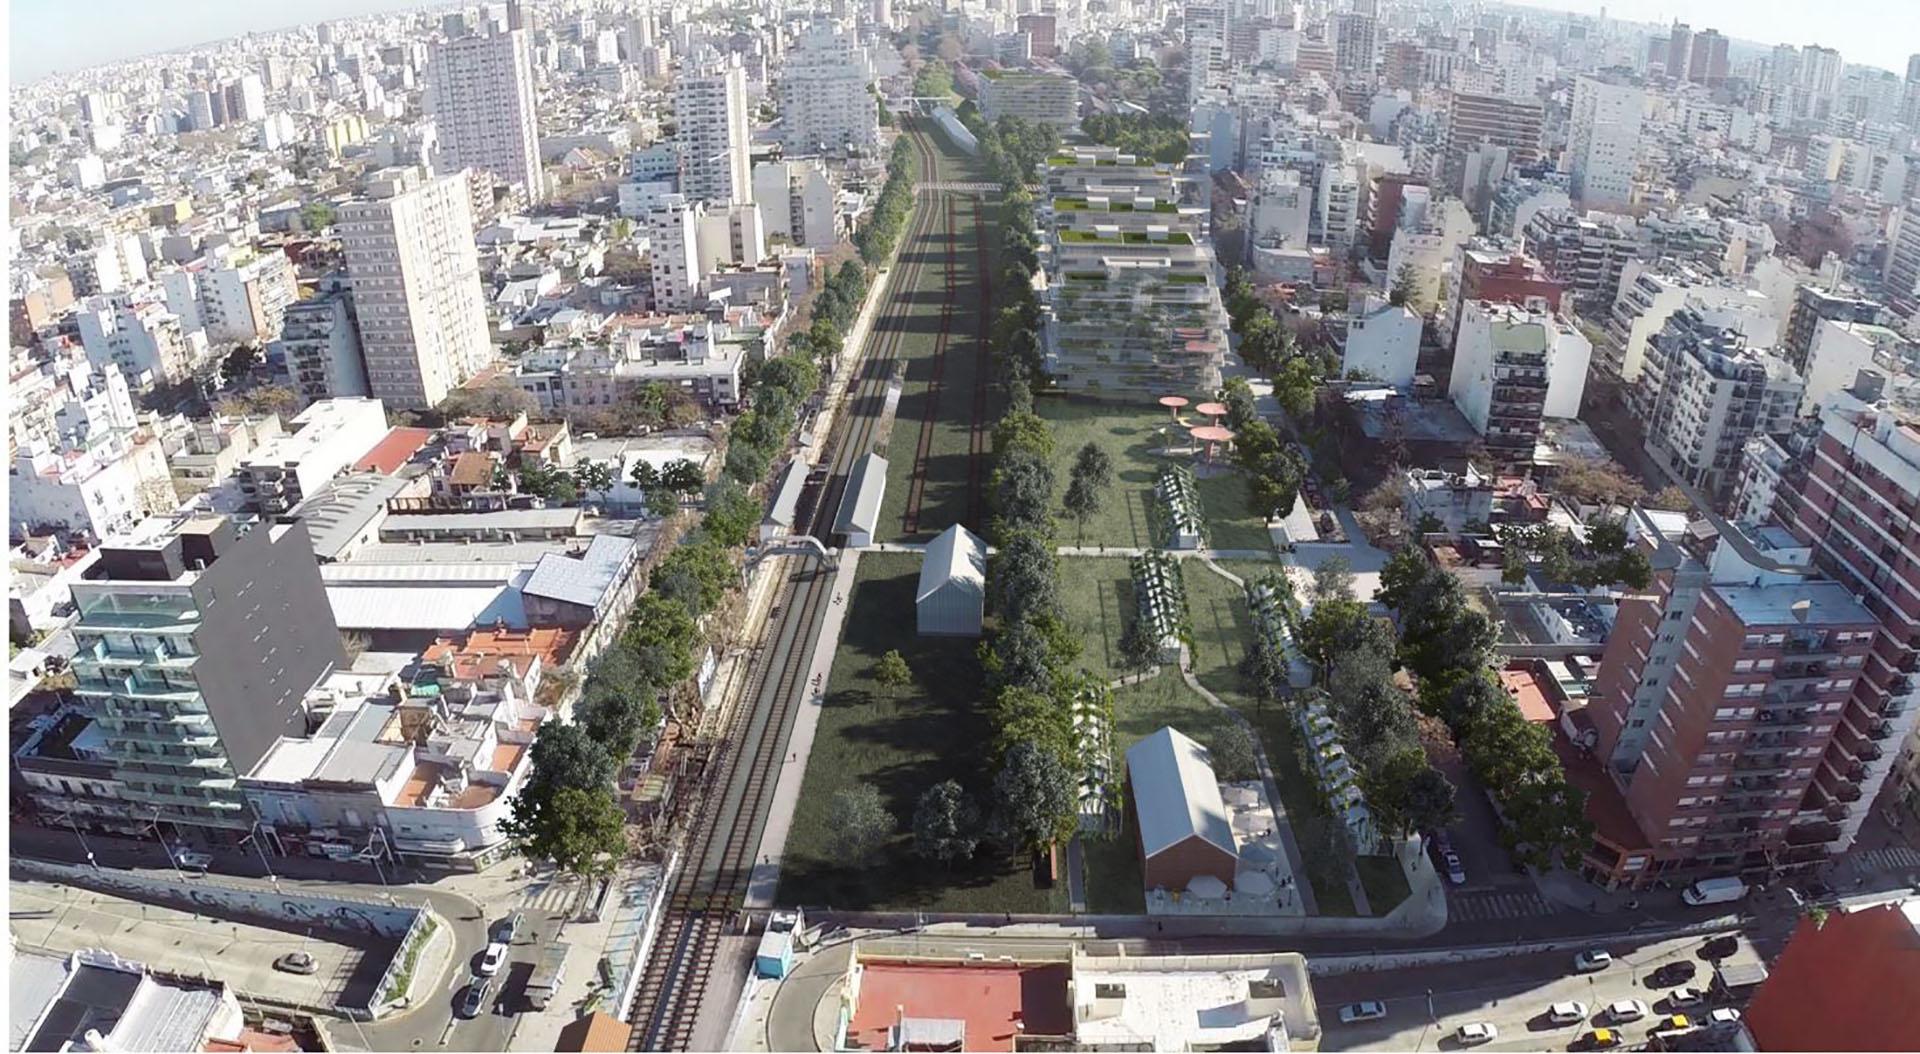 El proyecto urbanístico, con edificios y plazas, diseñado para el playón de la estación Colegiales